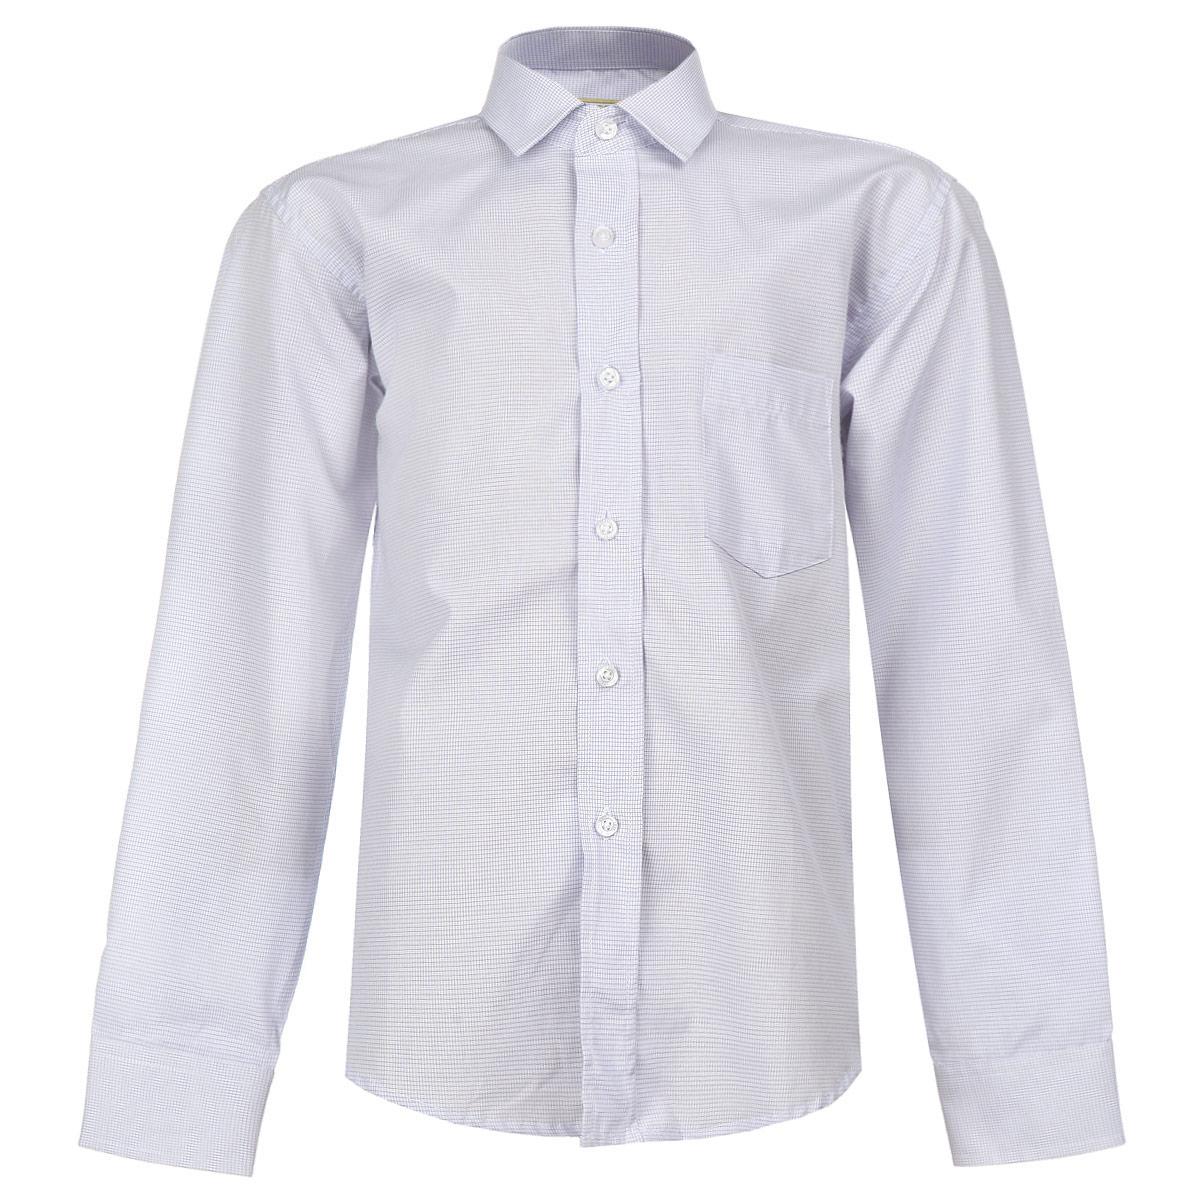 Рубашка для мальчика. Rich 155Rich 155Стильная рубашка для мальчика Tsarevich идеально подойдет вашему юному мужчине. Изготовленная из хлопка с добавлением полиэстера, она мягкая и приятная на ощупь, не сковывает движения и позволяет коже дышать, не раздражает даже самую нежную и чувствительную кожу ребенка, обеспечивая ему наибольший комфорт. Рубашка в мелкую клетку классического кроя с длинными рукавами и отложным воротничком застегивается по всей длине на пуговицы. На груди она дополнена накладным карманом. Края рукавов дополнены широкими манжетами на пуговицах. Низ изделия закруглен к боковым швам. Такая рубашка будет прекрасно смотреться с брюками, пиджаками и жилетами. Она станет неотъемлемой частью школьного гардероба.